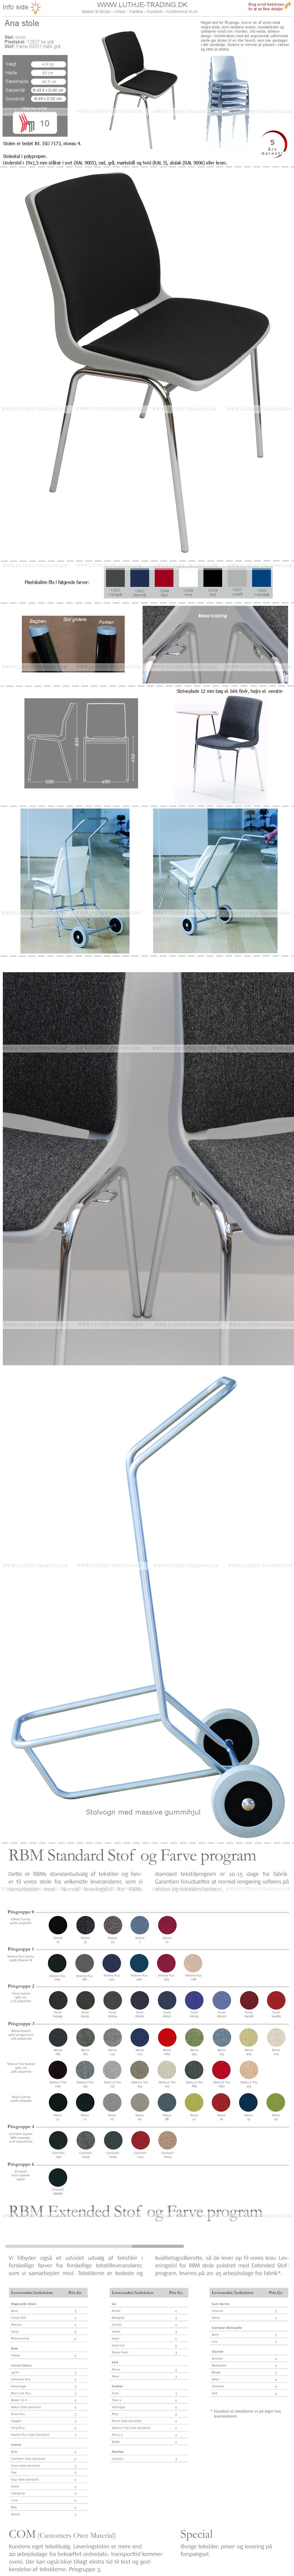 Ana stol med krom stel, lysgrå plastskal og Fame stof sort nr. 60051 på sæde og ryg. Der er 5 års garanti på Ana stole.